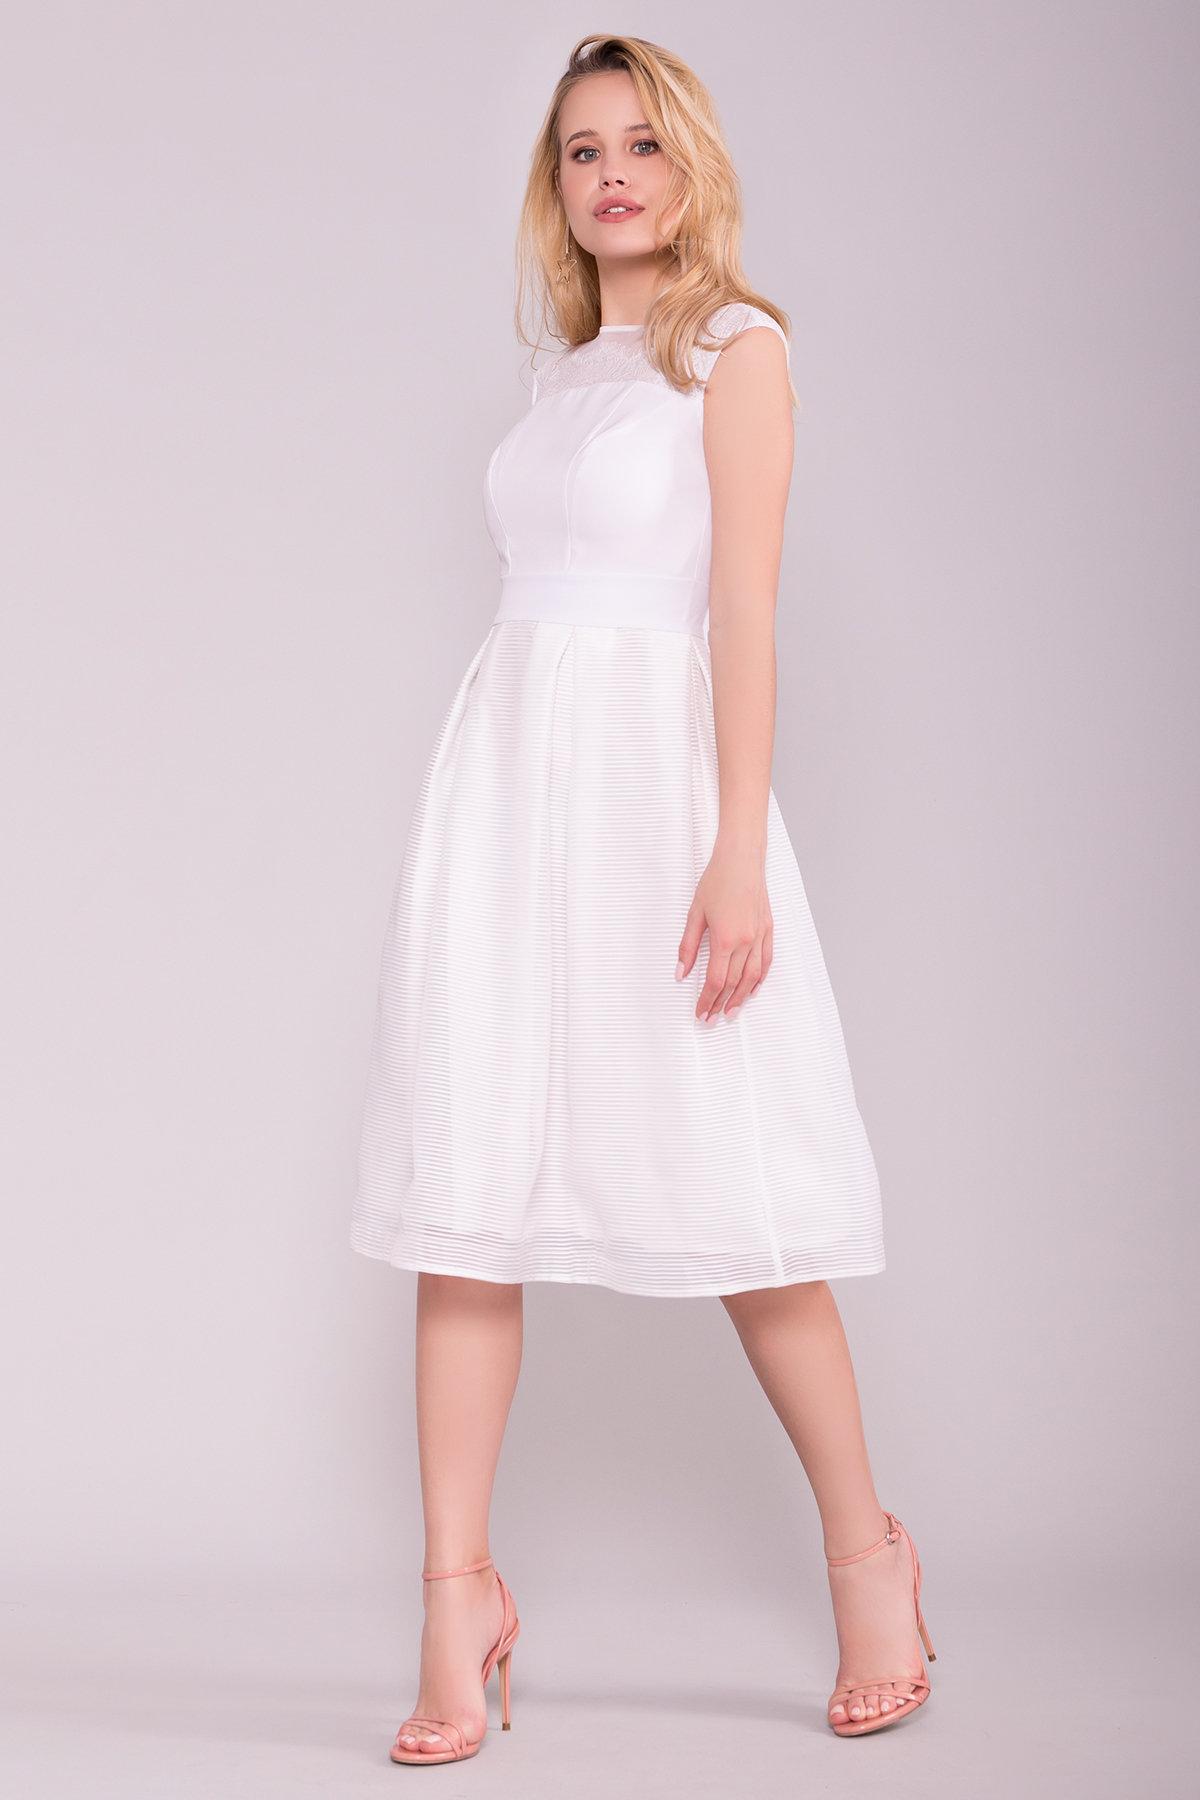 Купить платье в Харькове Платье Зарина 6989